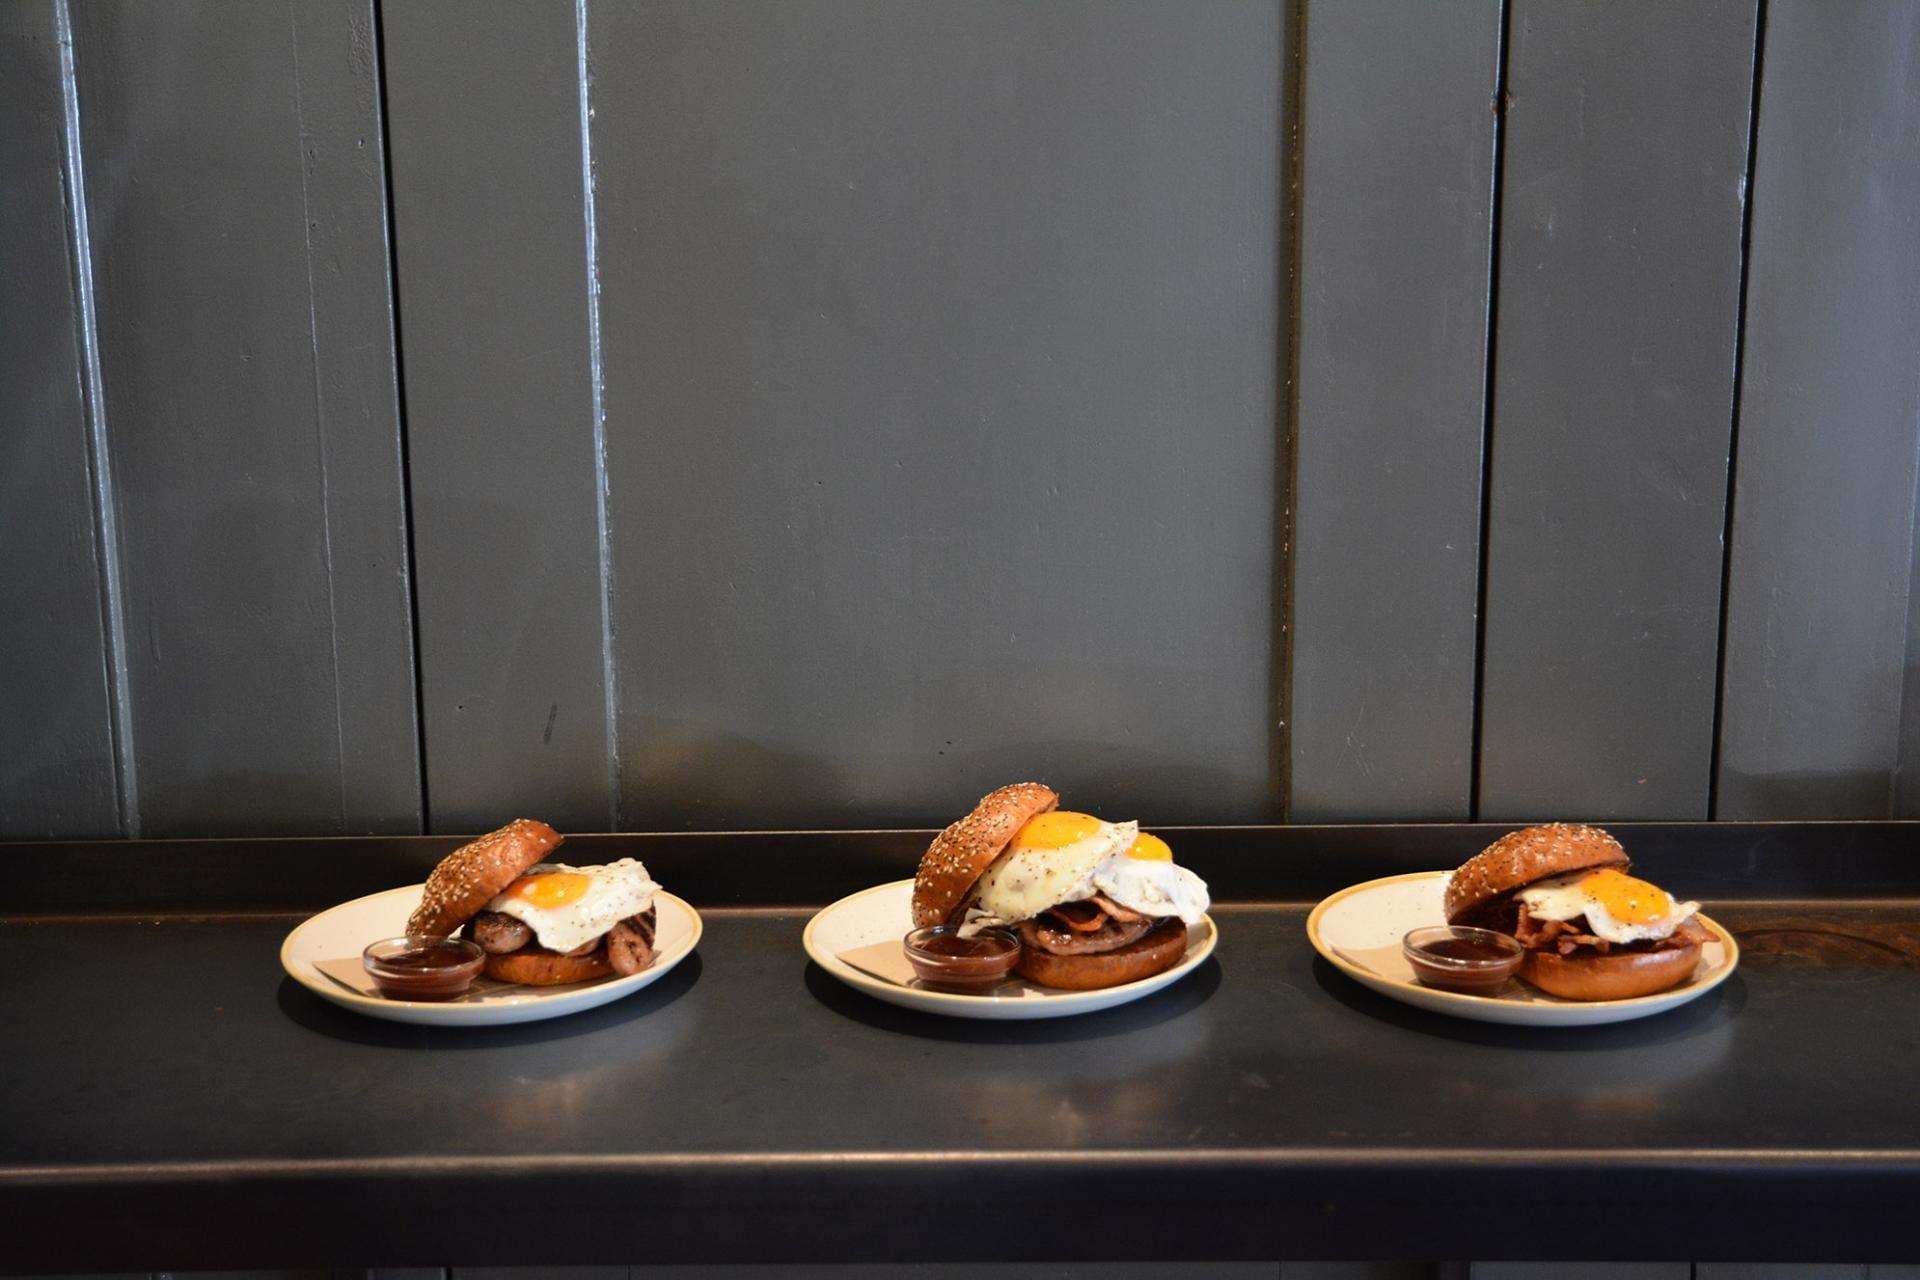 Mejores desayunos en Londres: The Black Penny en Covent Garden